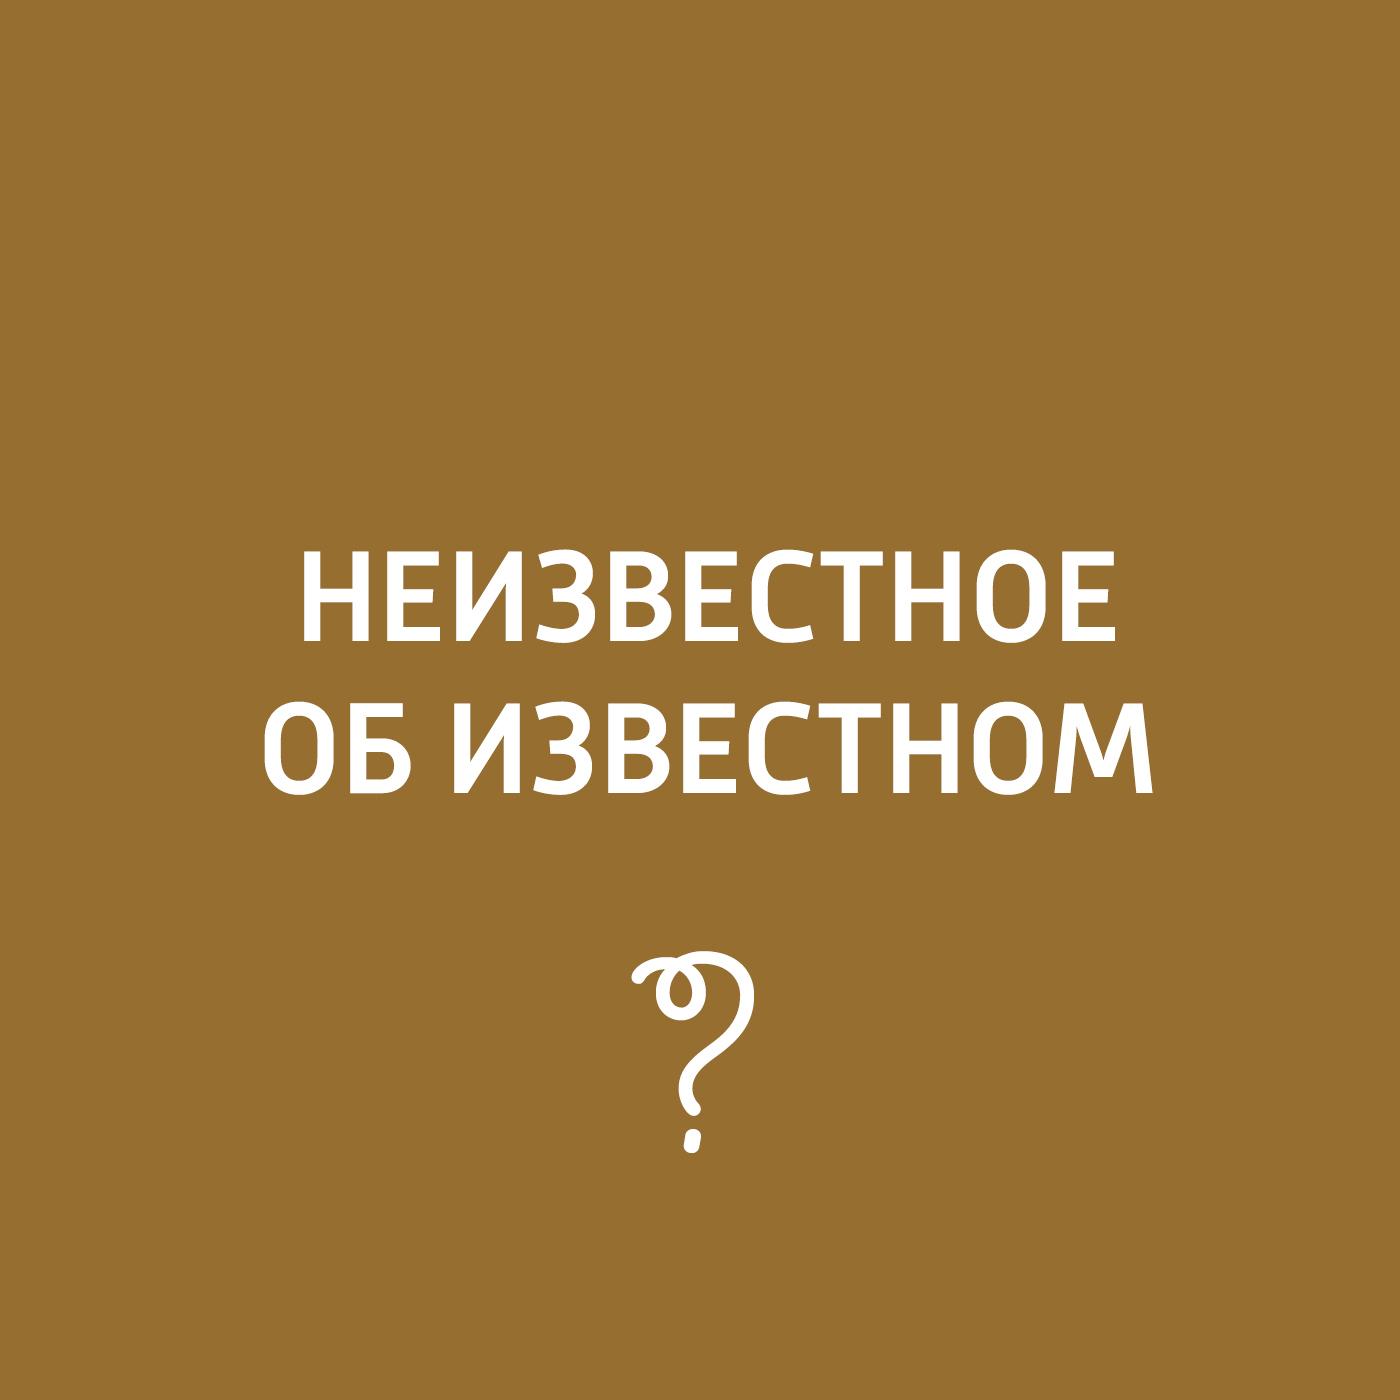 купить Творческий коллектив программы «Пора домой» Самураи по цене 49 рублей